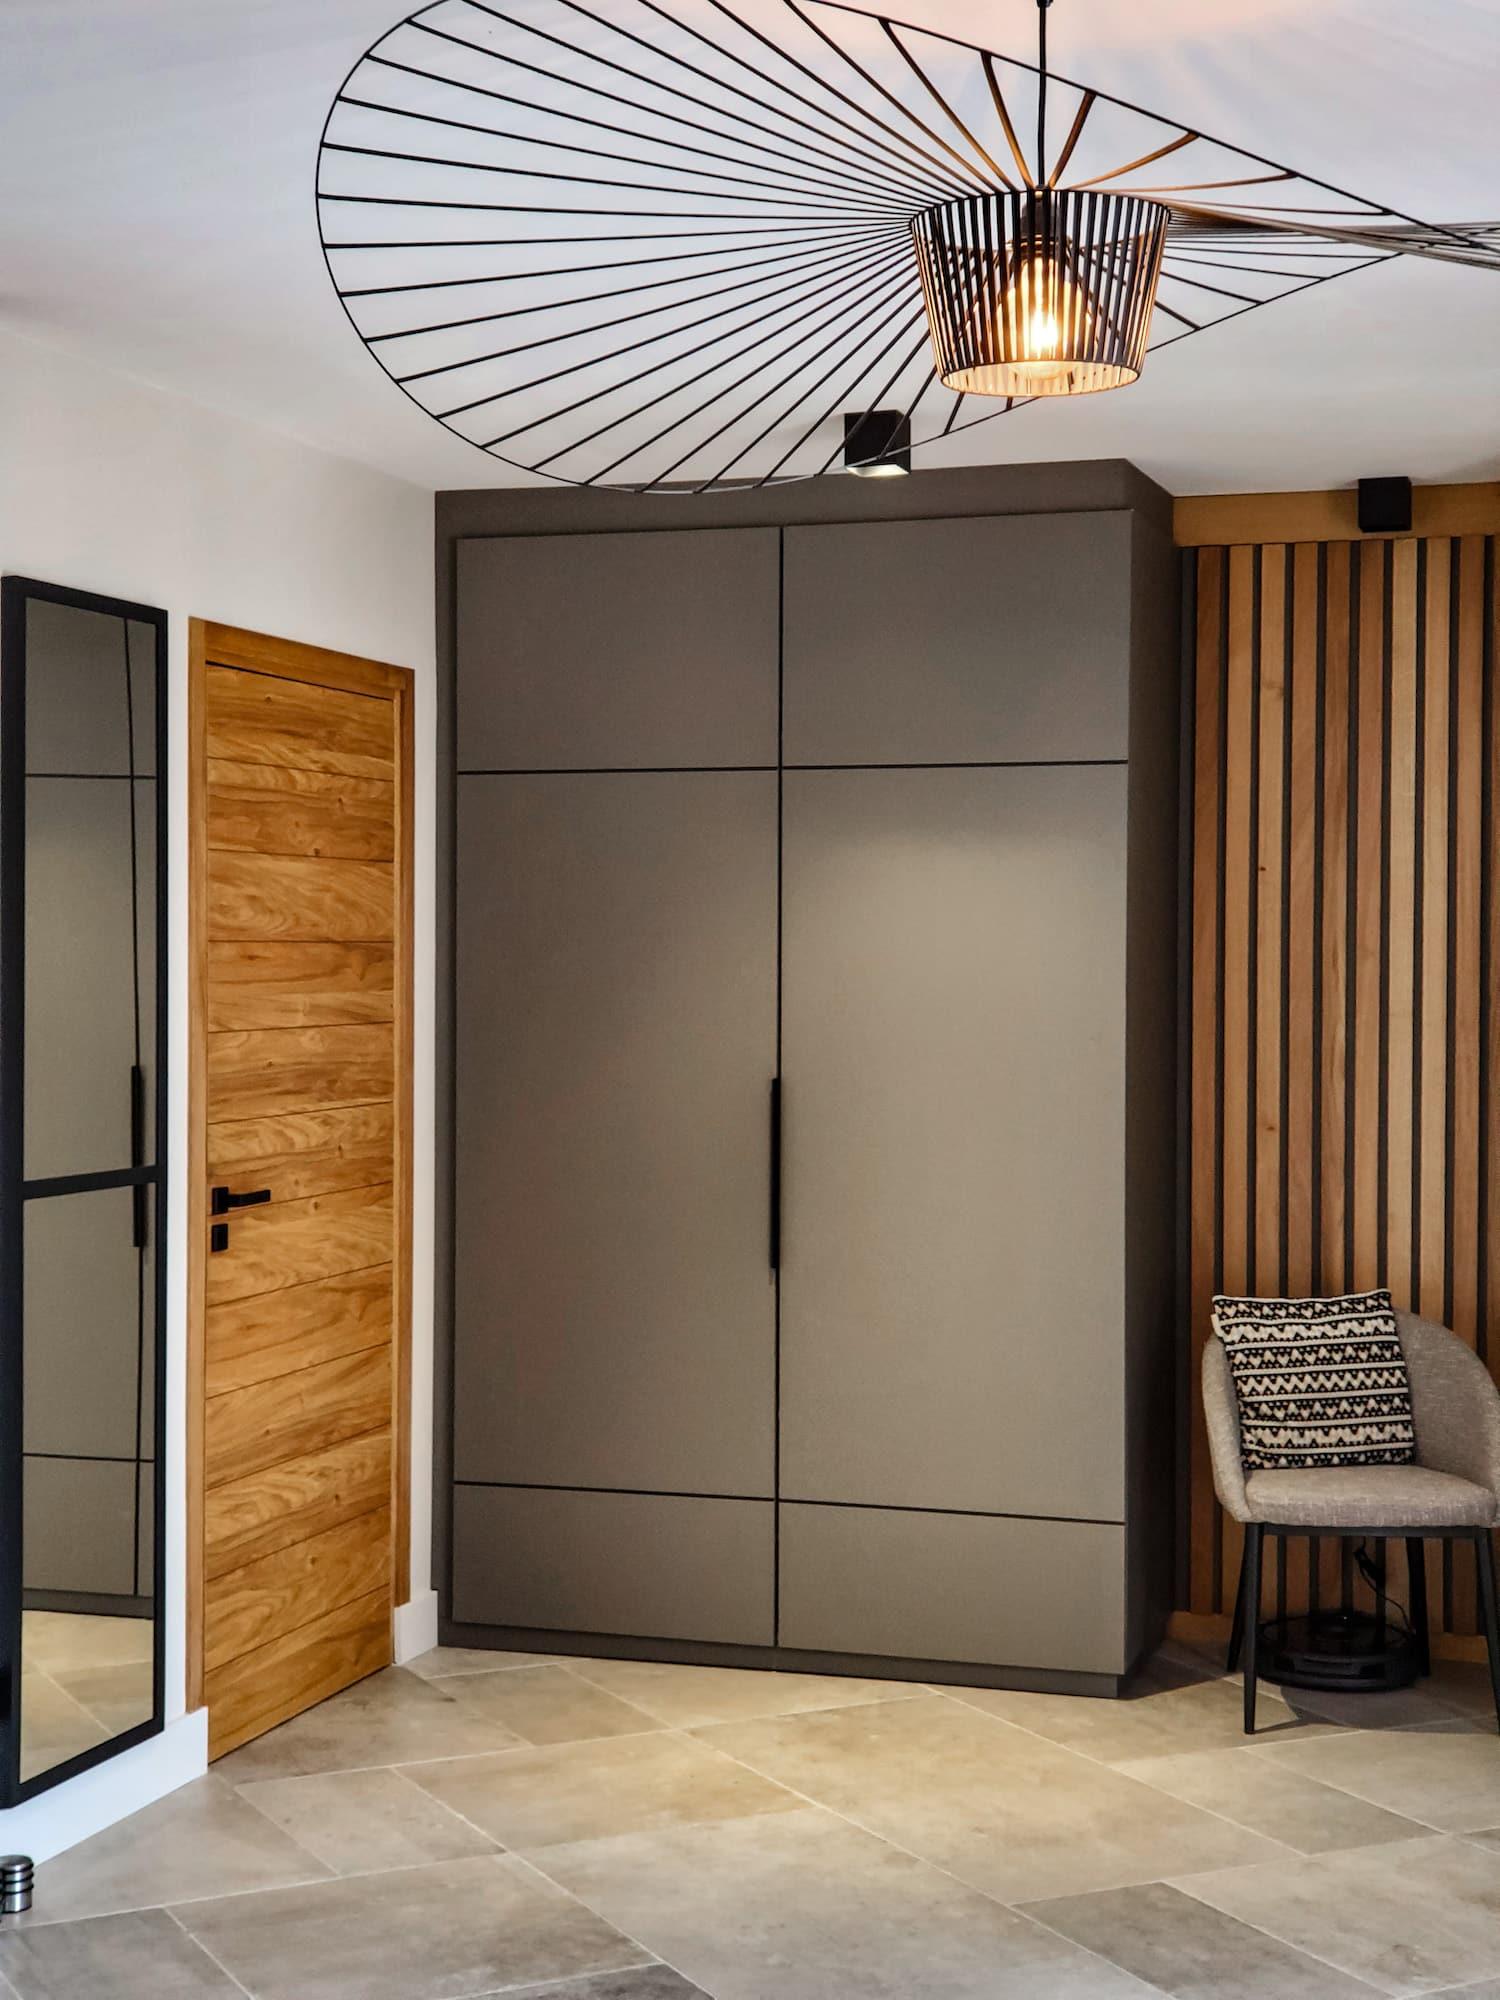 Rénovation Maison en Provence - Le placard d'entrée sur mesure, by Christiansen Design, Architecte d'intérieur et Décorateur à Paris, Yvelines, Hauts de Seine, Provence